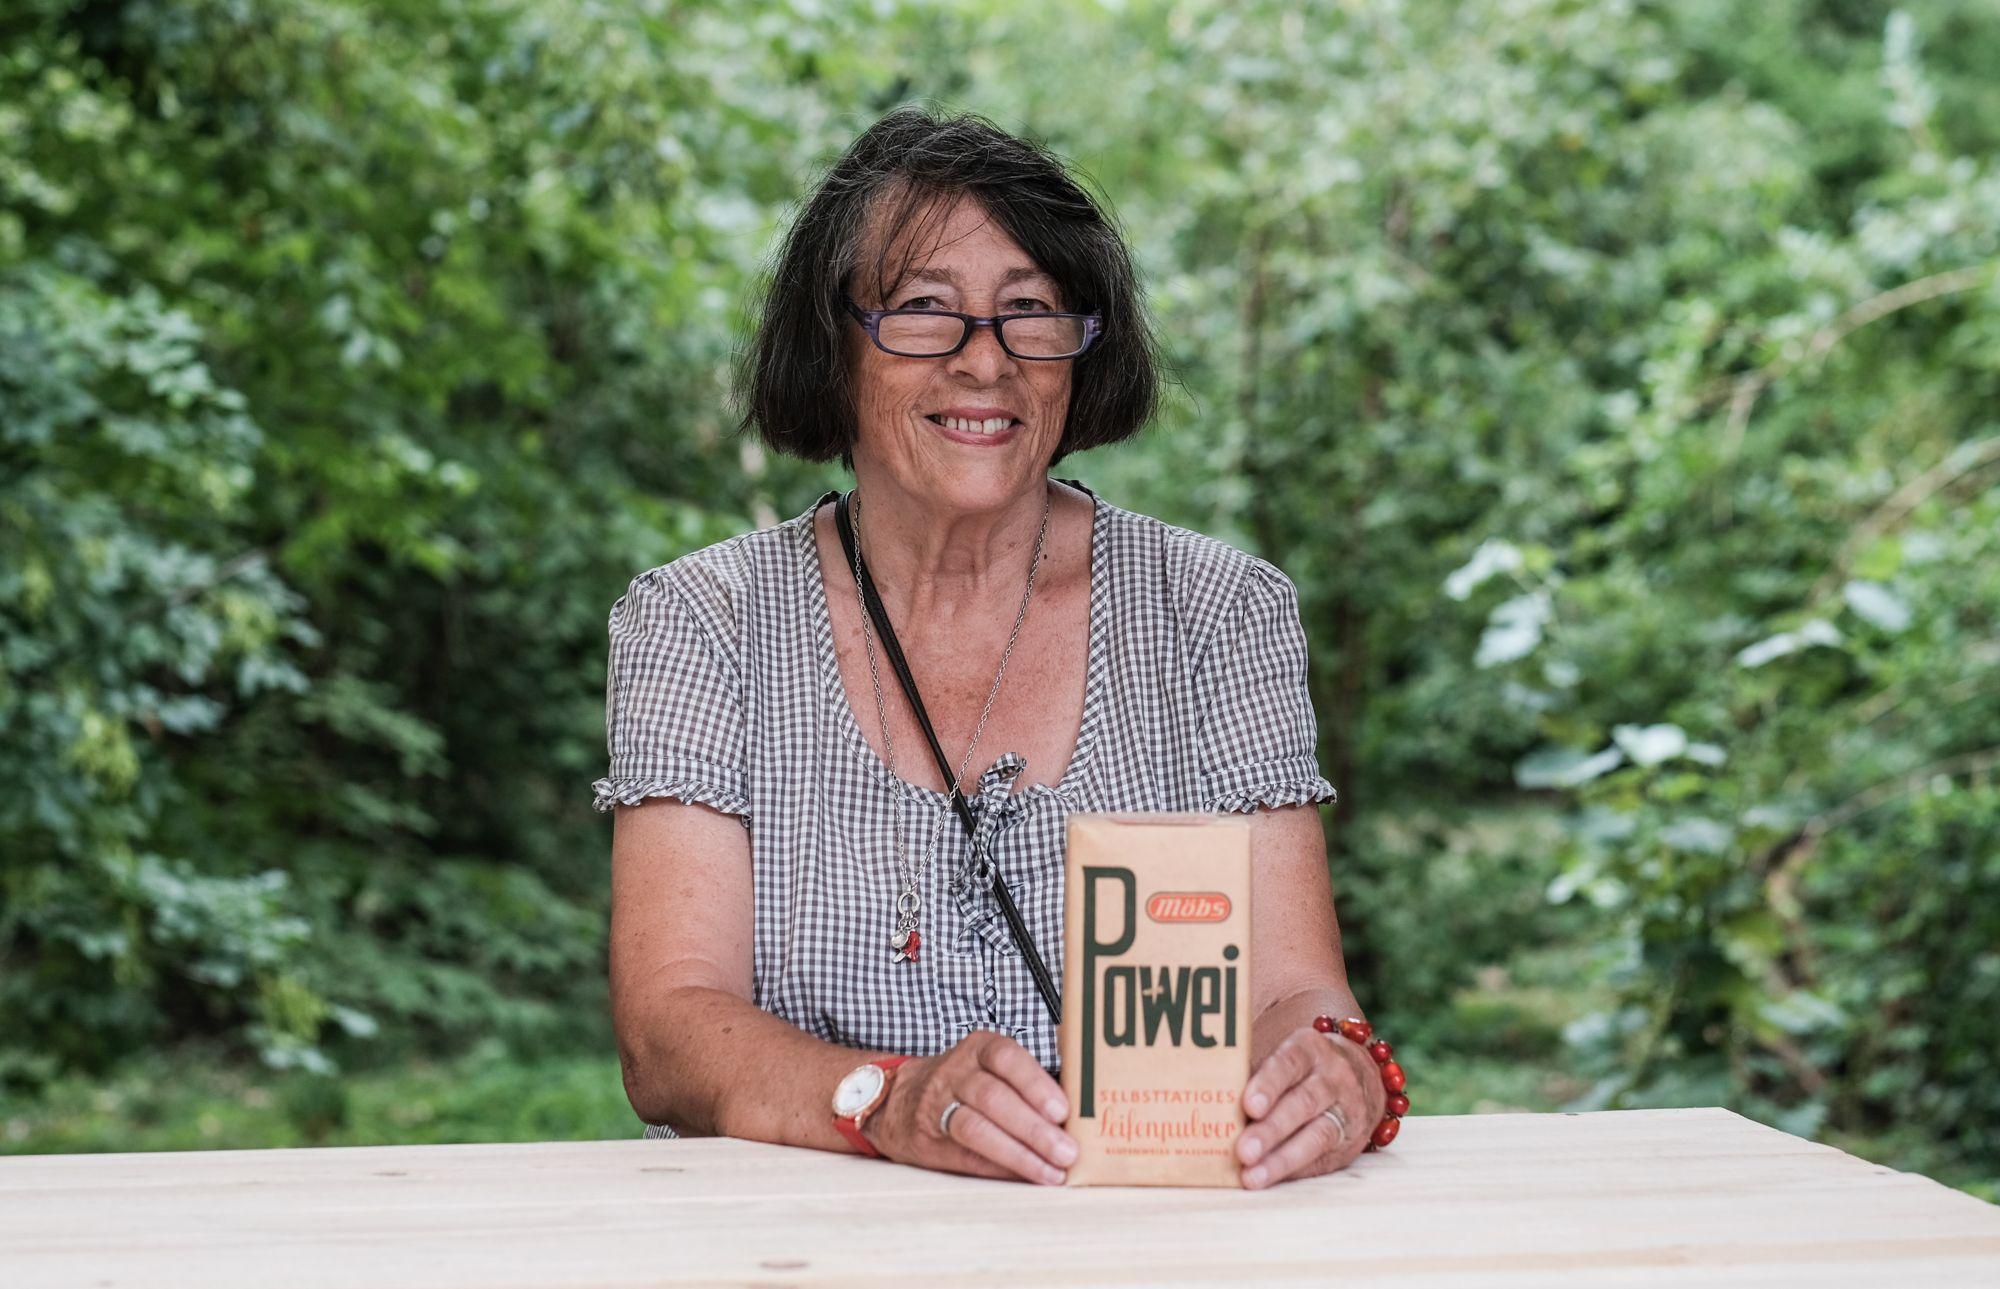 Ingrid Horst mit Pawei-Waschmittel